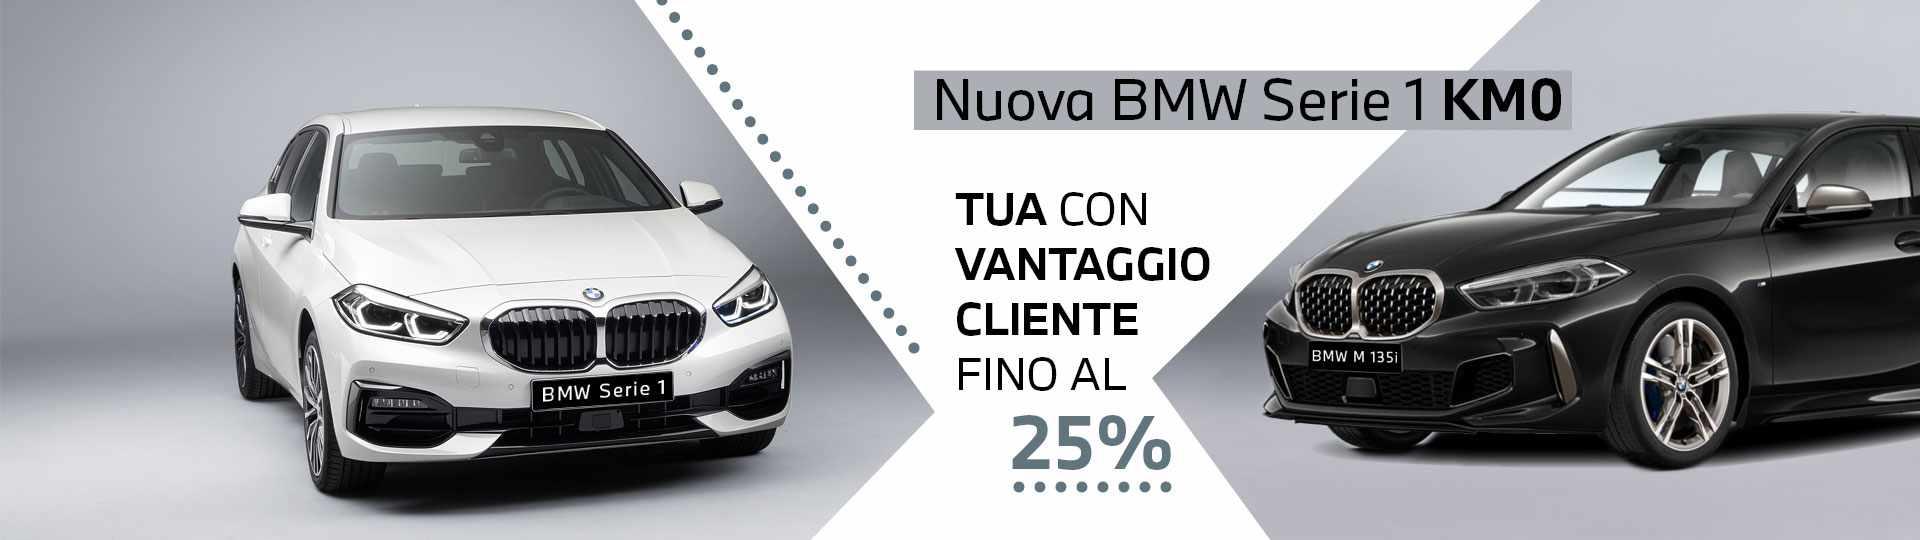 BMW-Serie-1-KM0_sito2-min2.jpg